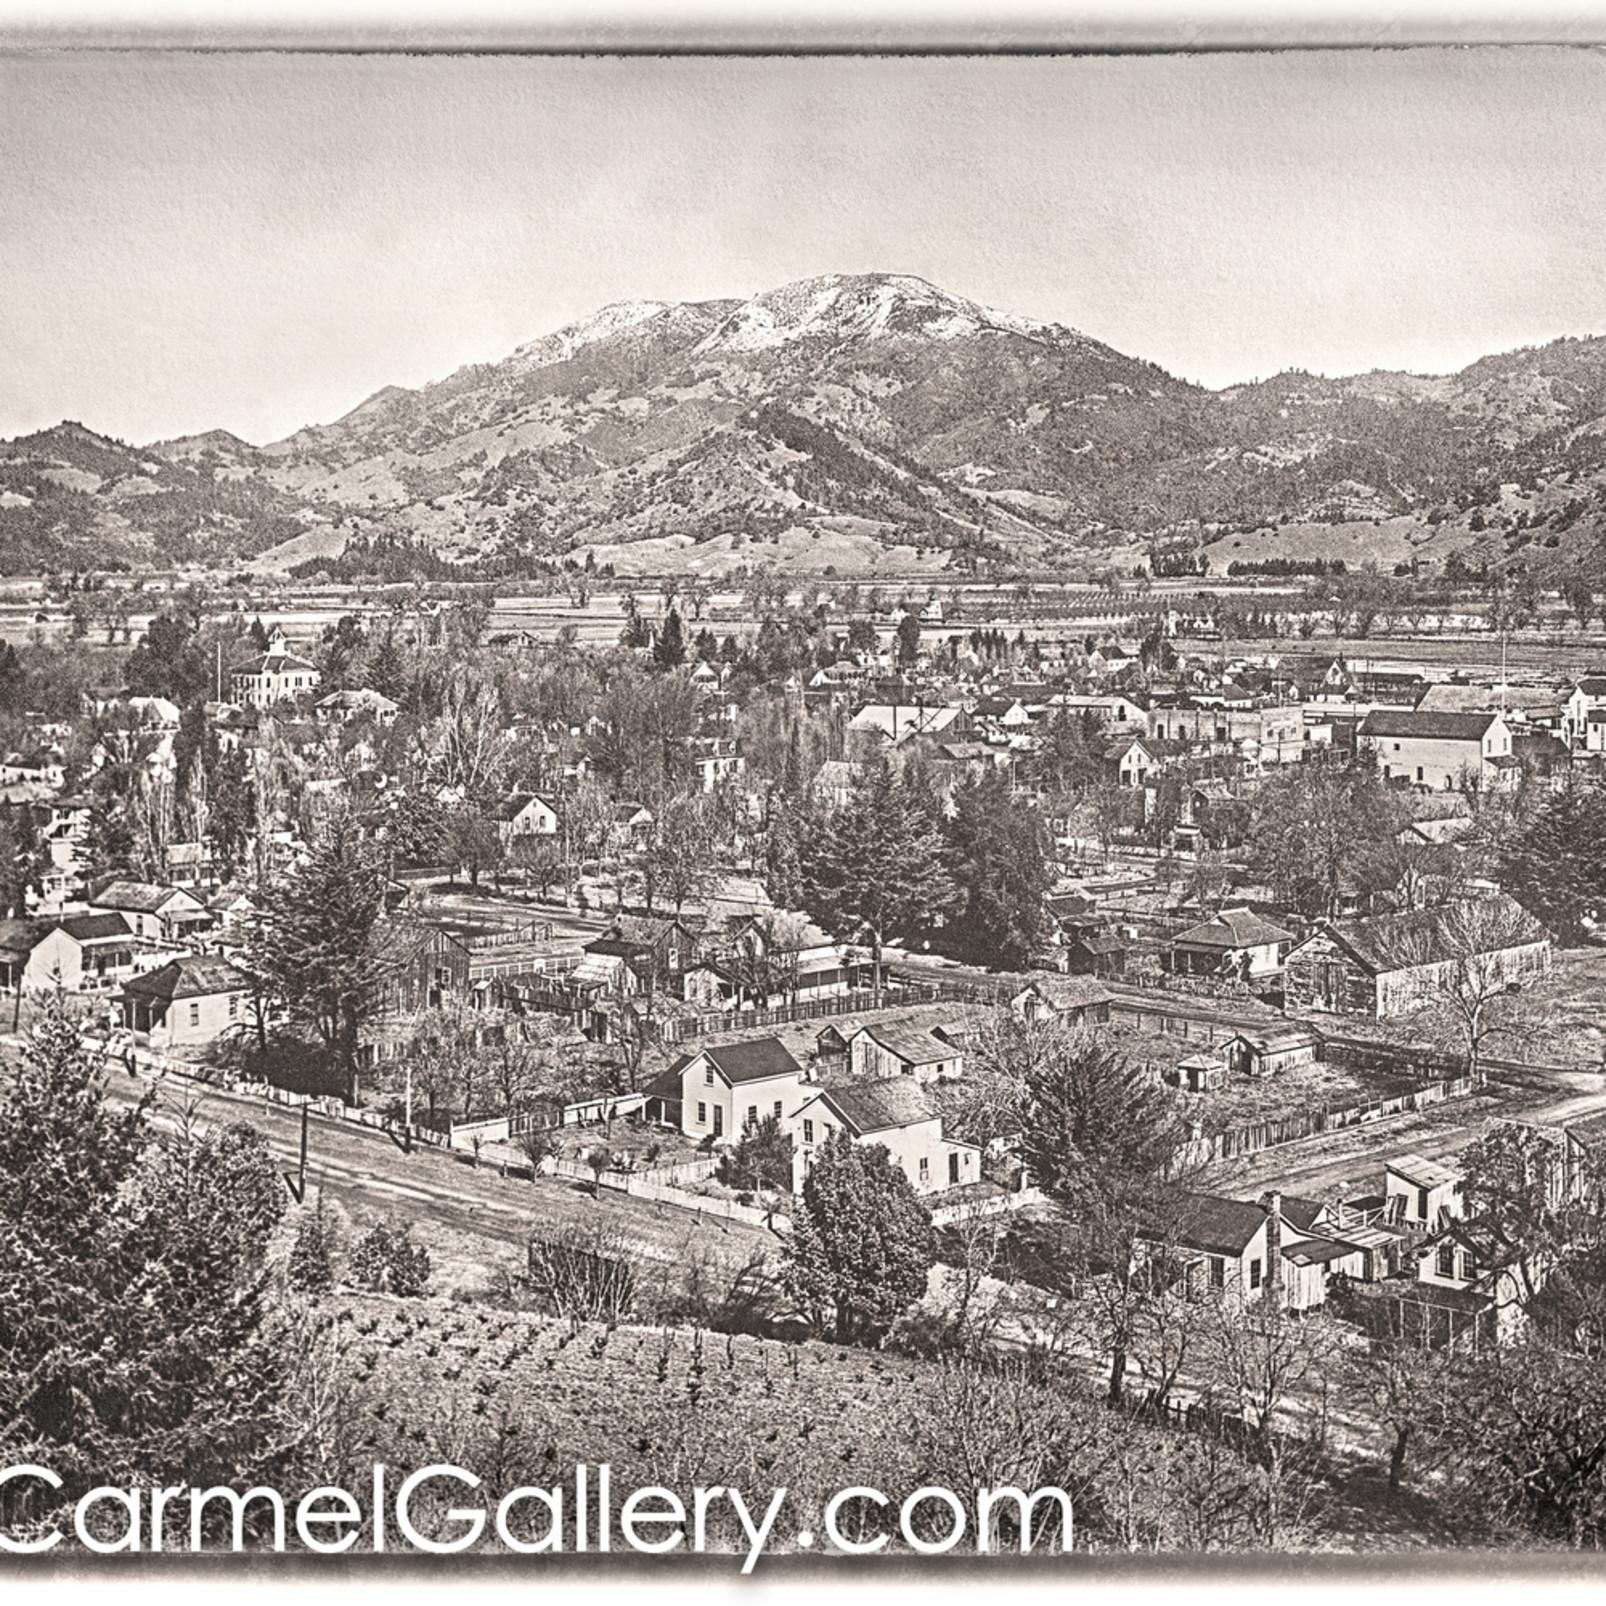 Winter view calistoga 1890 s  ozh82r